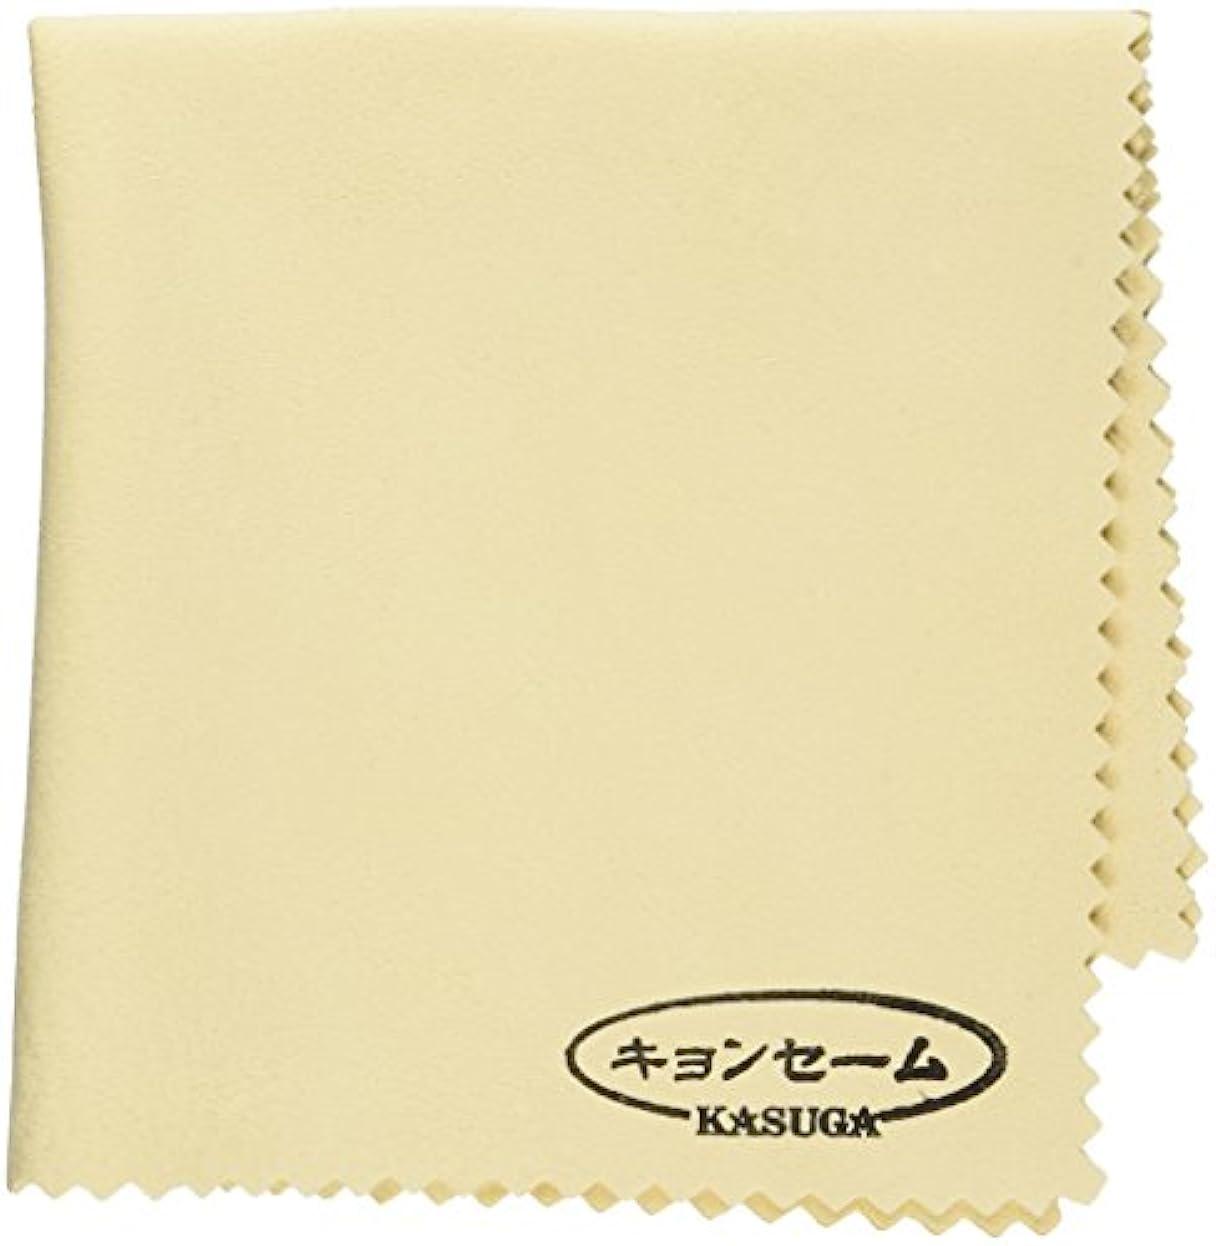 抗生物質チーズ一方、春日 スキンケア用キョンセーム 20×20cm